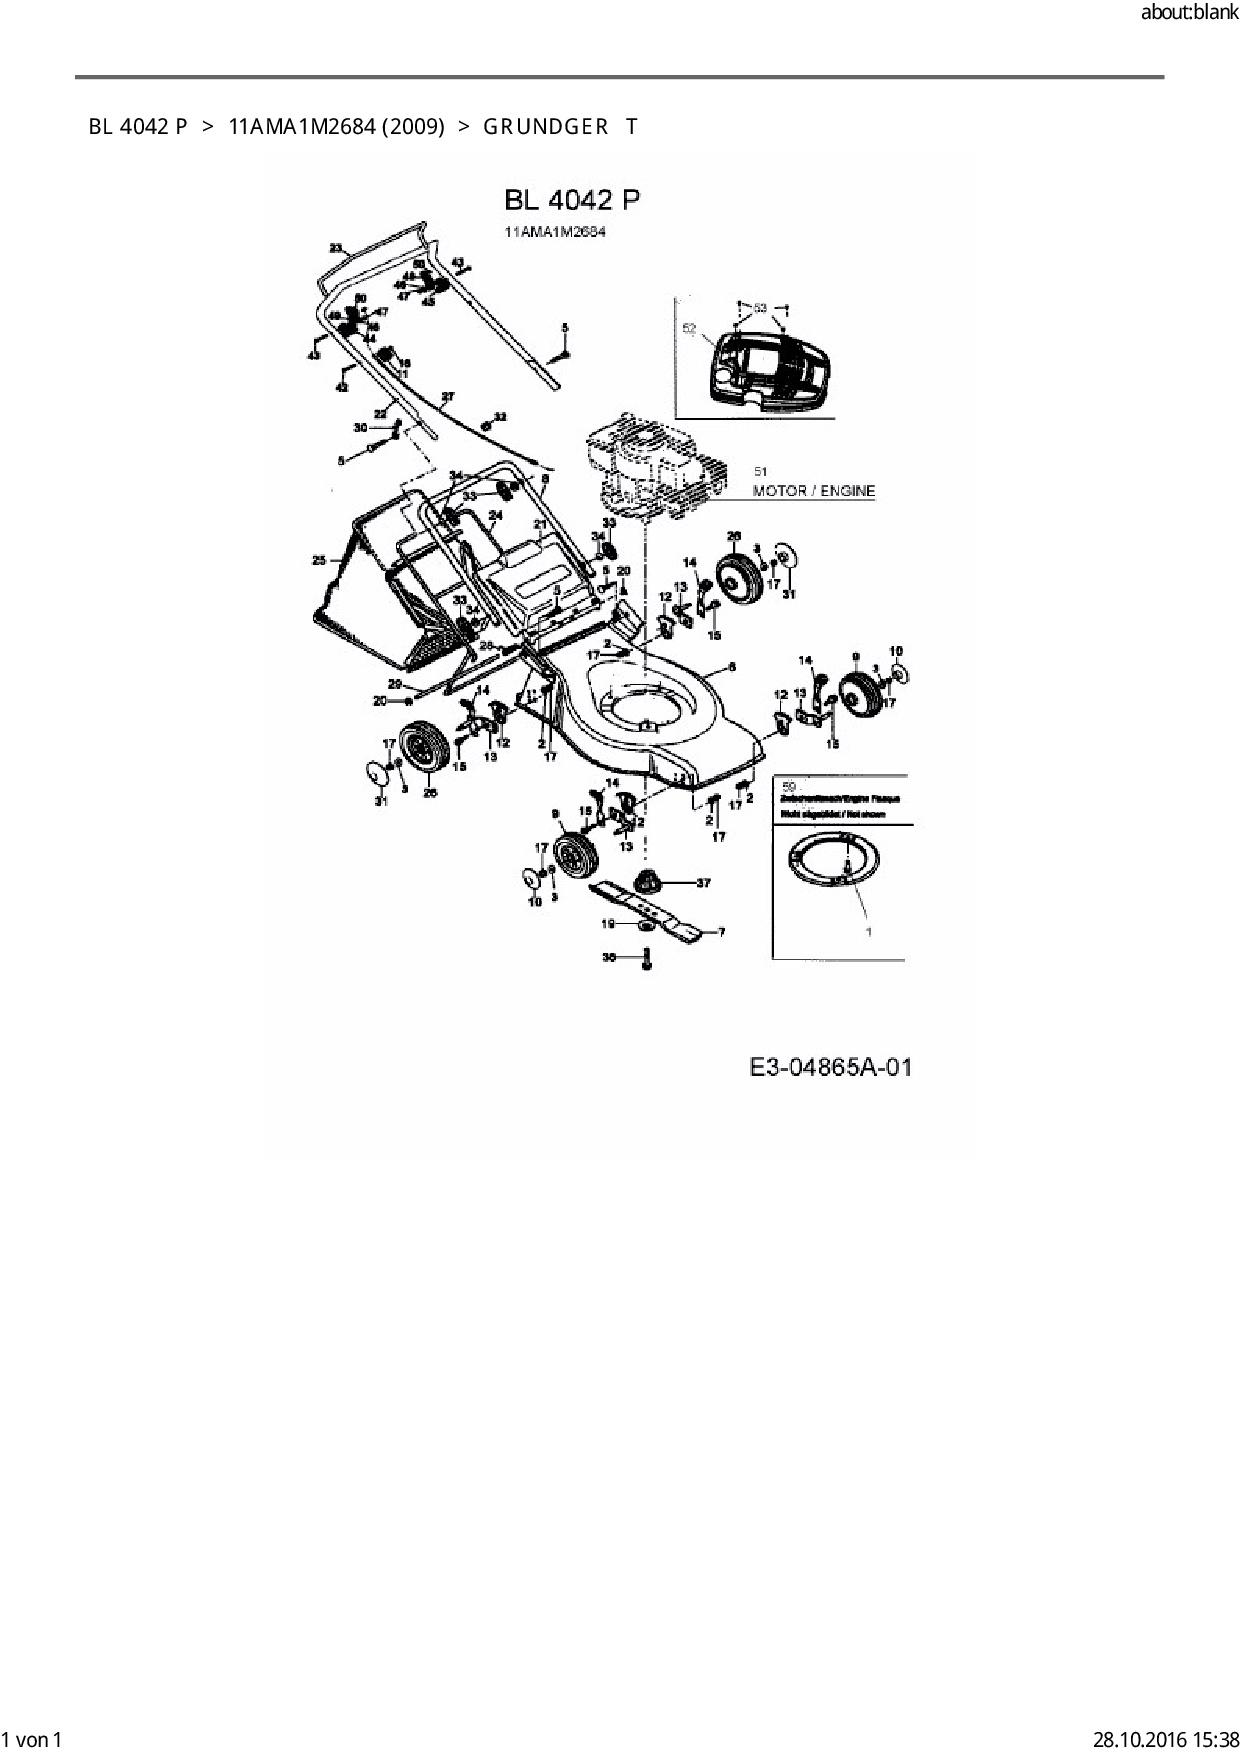 Bolens Ersatzteil Messernabe Mtd Engine Psp Fr Motormher Bl Diagram Positionsnummer 37 Aus Dieser Zeichnung